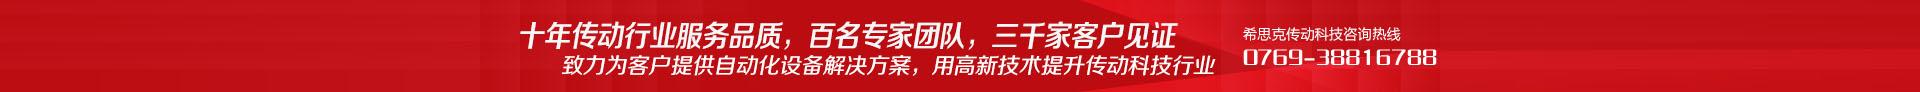 十年传动行业服务品质强哲韩剧网,百名专家团队骚妹子影院,三家千客户见证!